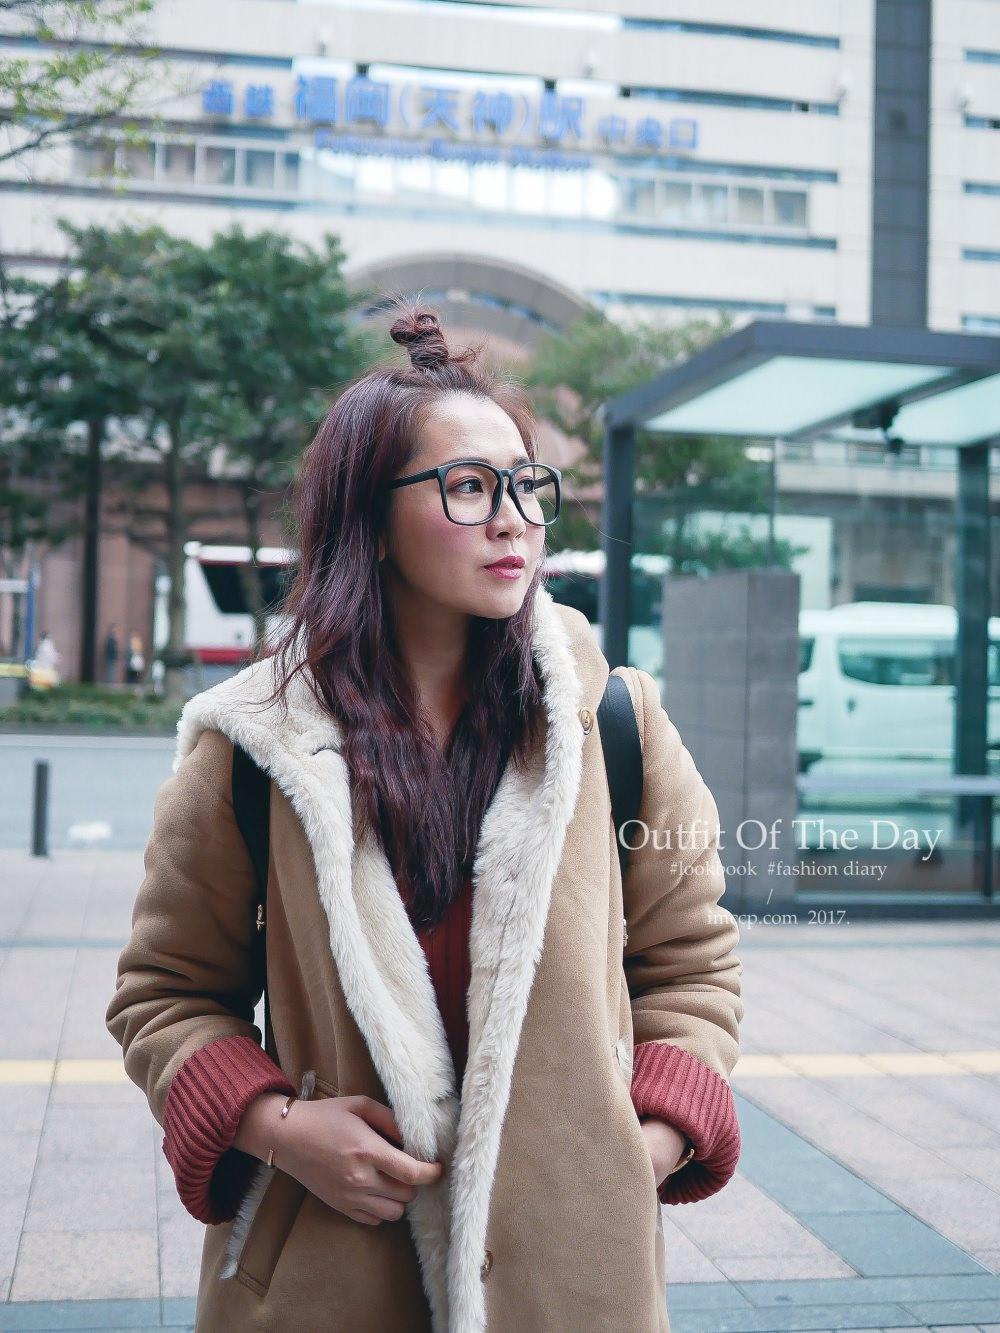 10度以下冬天穿搭,10度以下怎麼穿,九州冬天穿搭,別府冬天穿搭,保暖好看穿搭,九州冬天穿什麼,日本冬天穿什麼,日本冬天穿搭